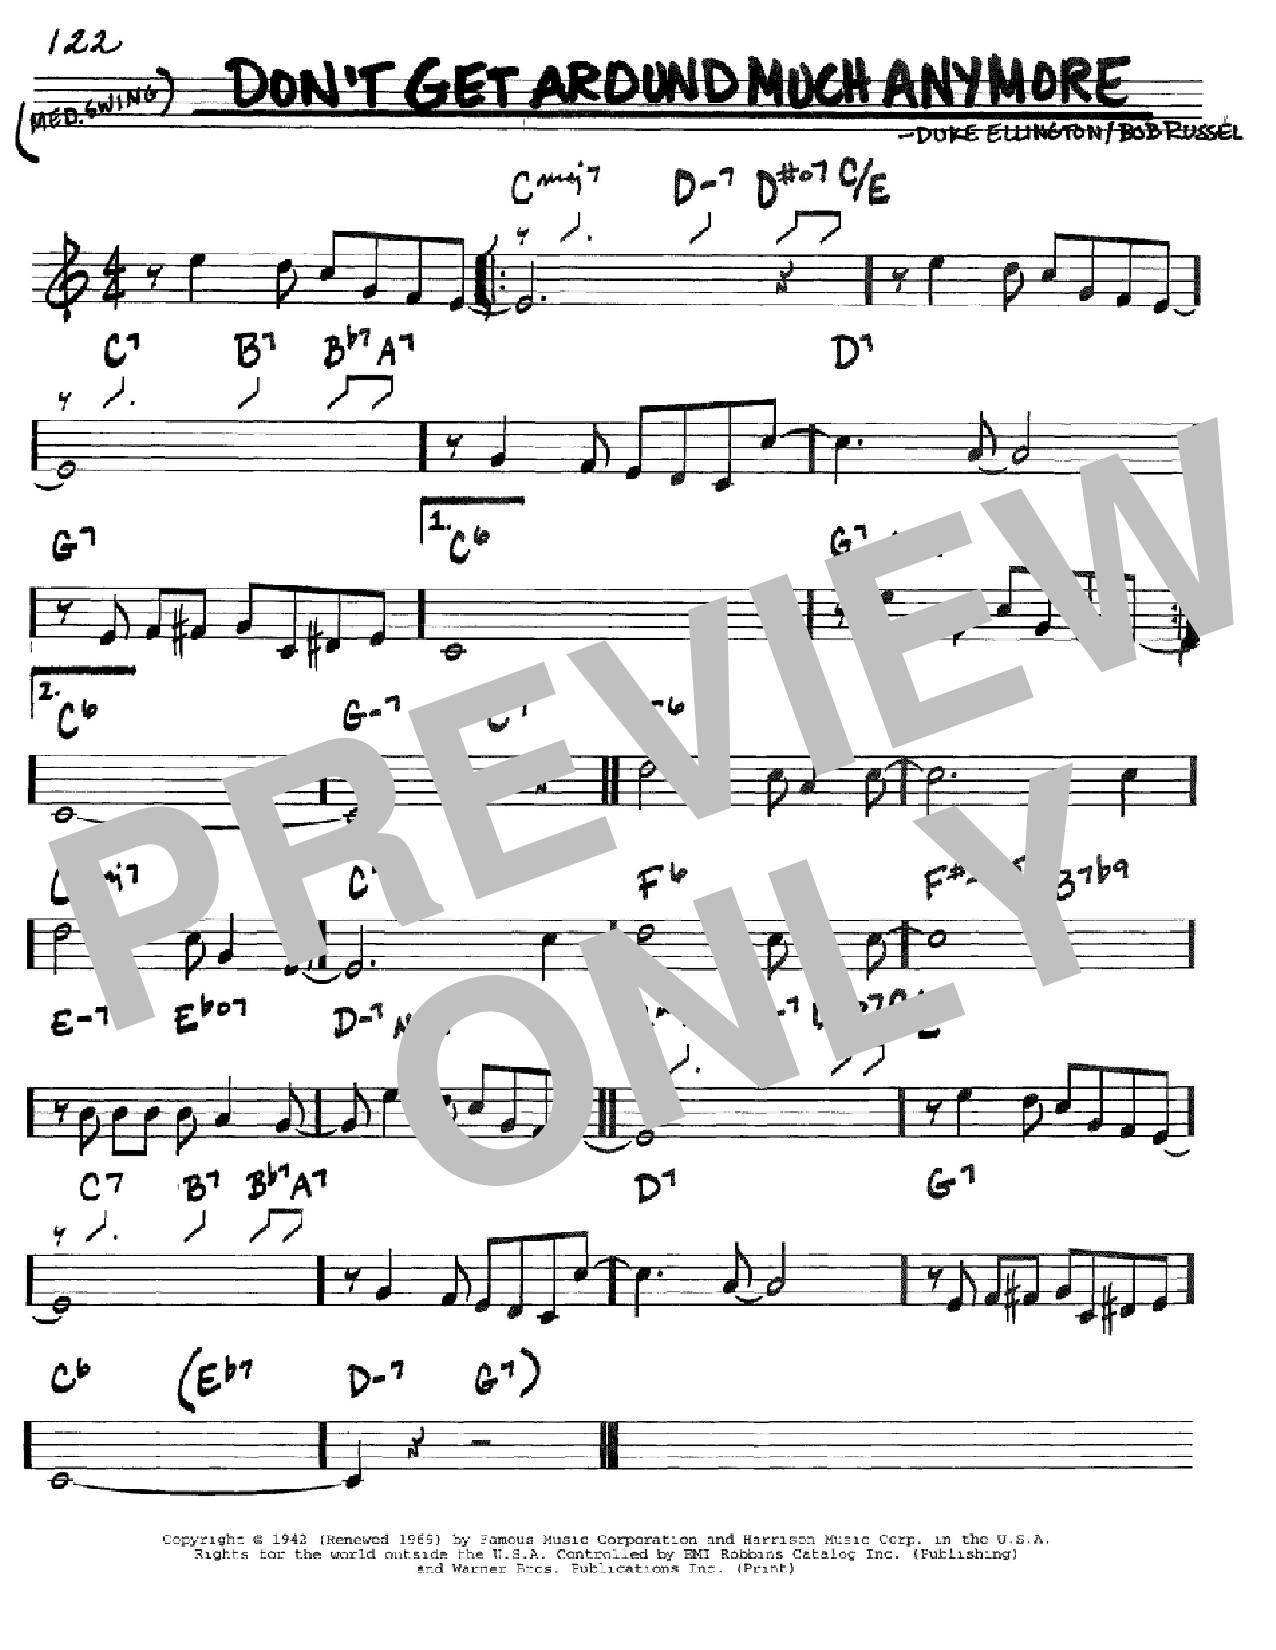 Partition autre Don't Get Around Much Anymore de Duke Ellington - Real Book, Melodie et Accords, Inst. En Do